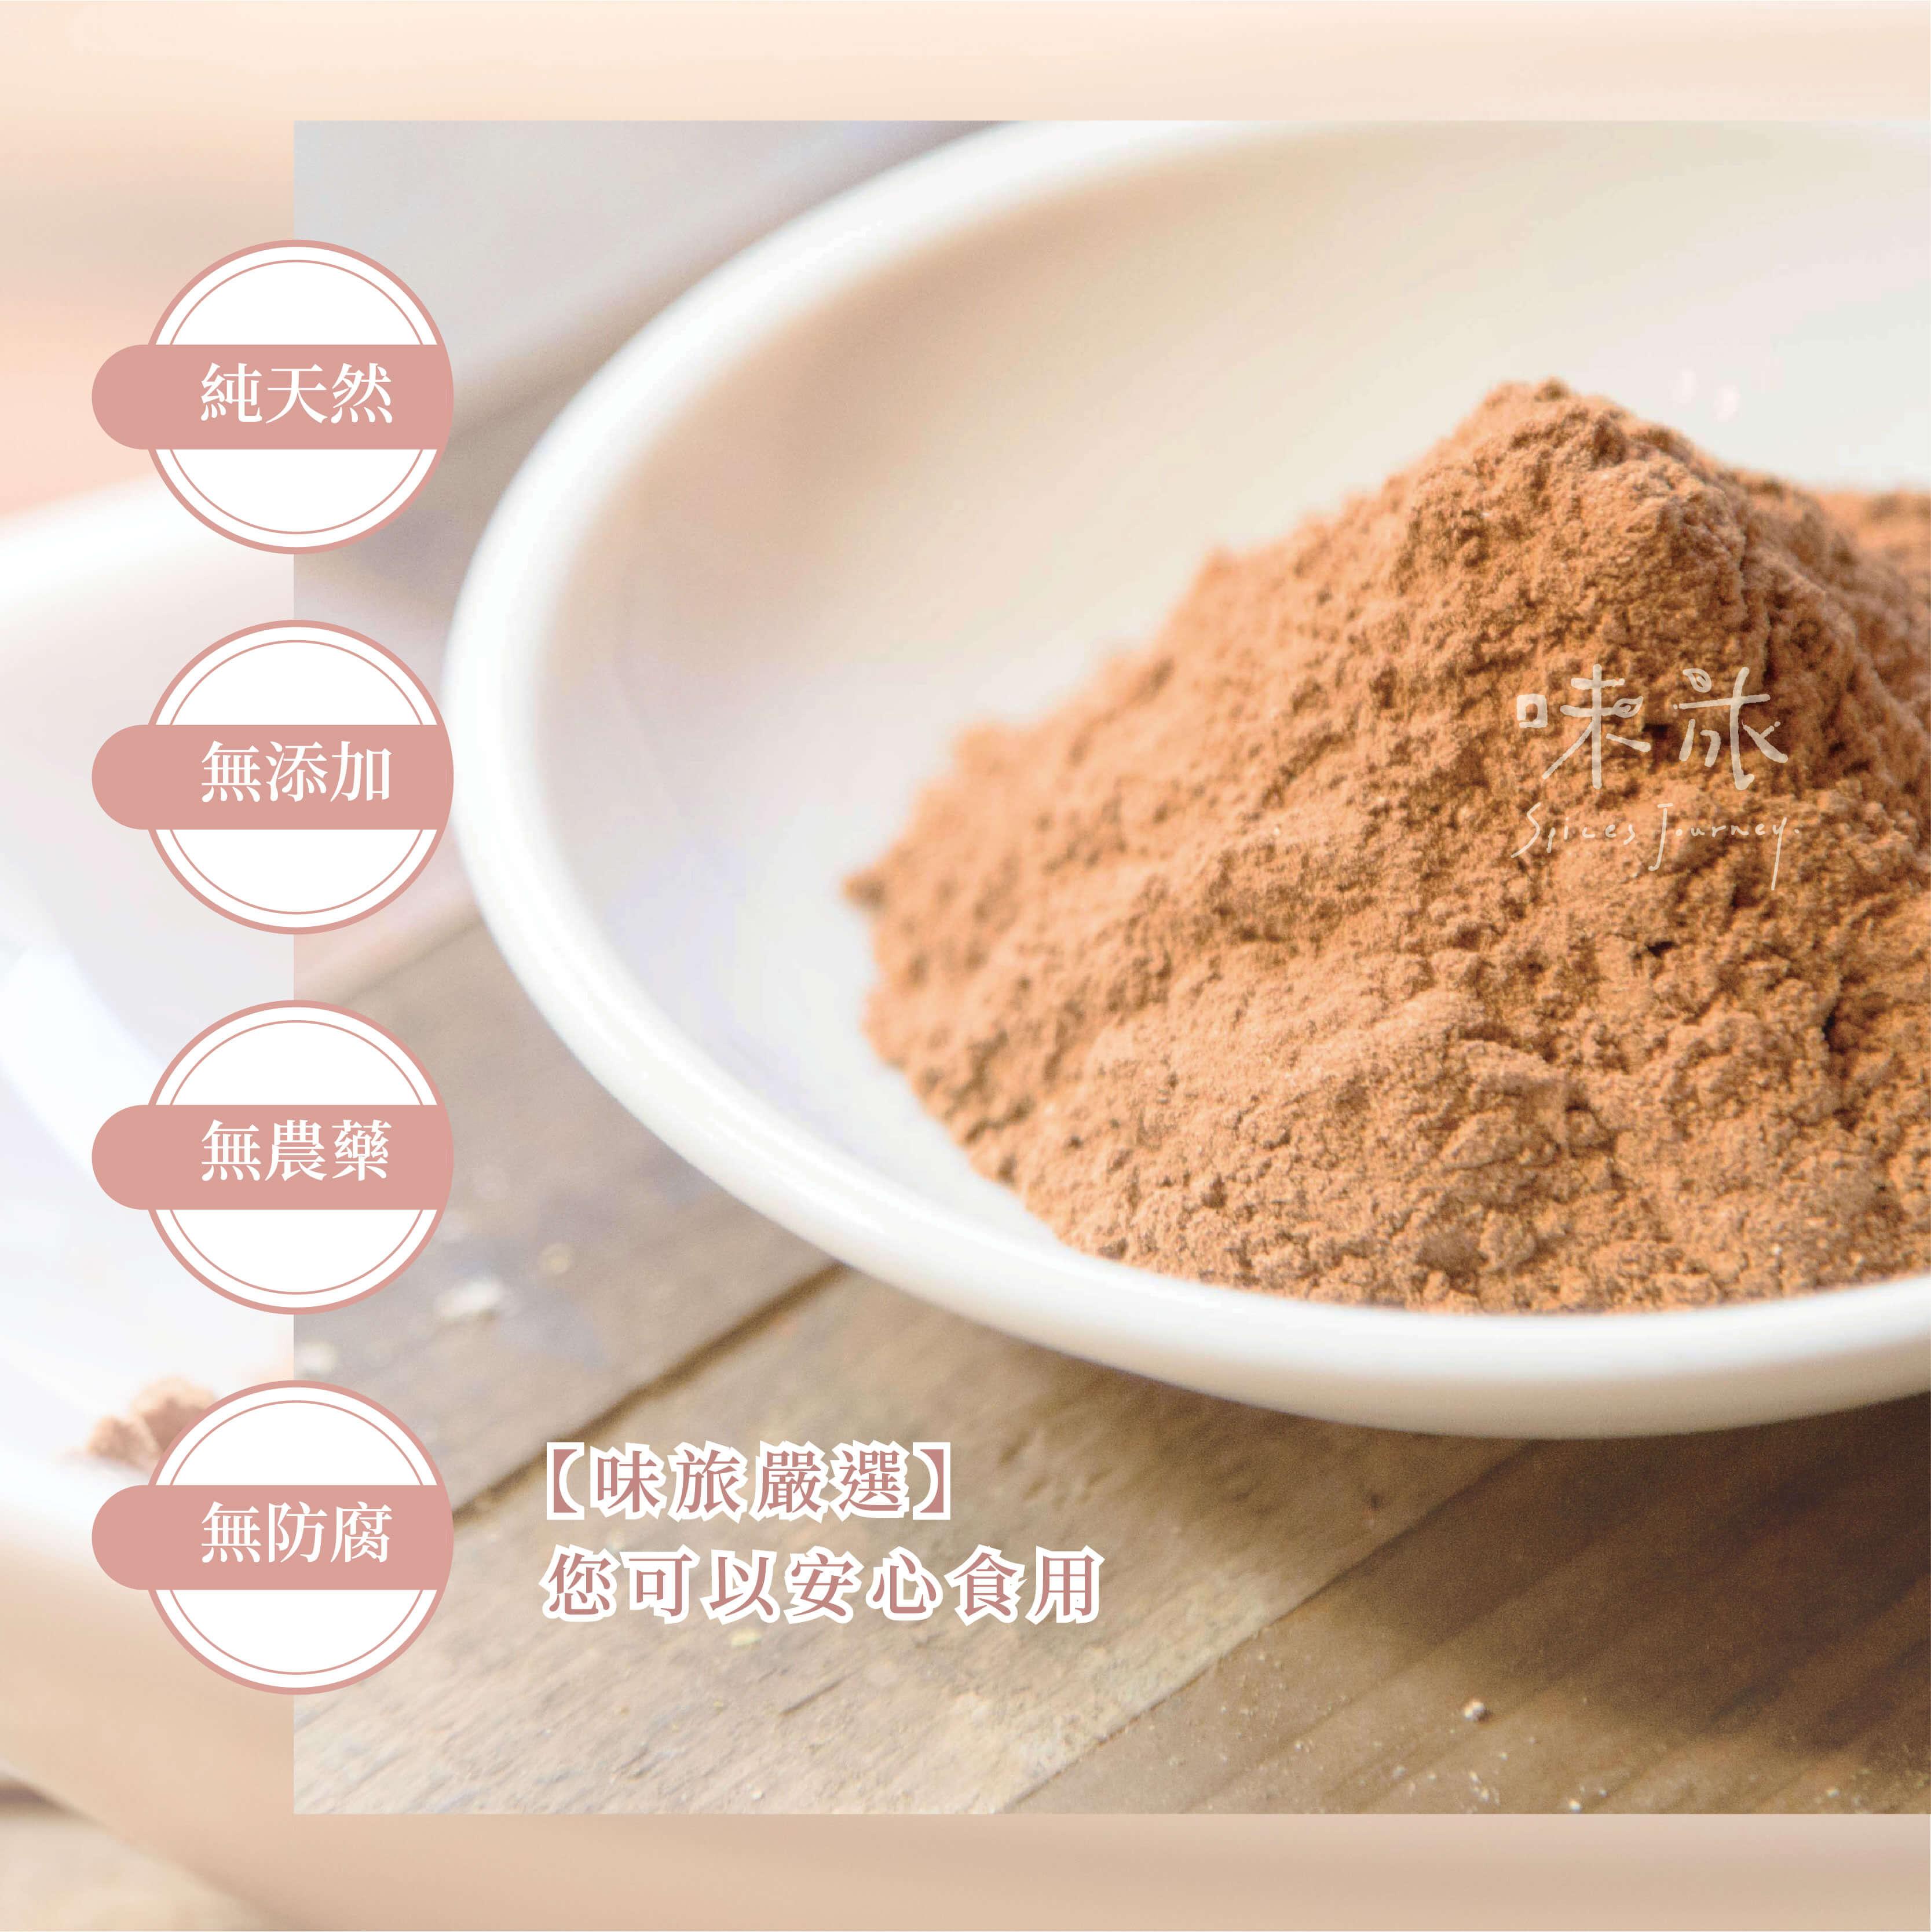 【味旅私藏】 經典十三香粉 Thirteen-Spices Powder 綜合香料系列【A130】